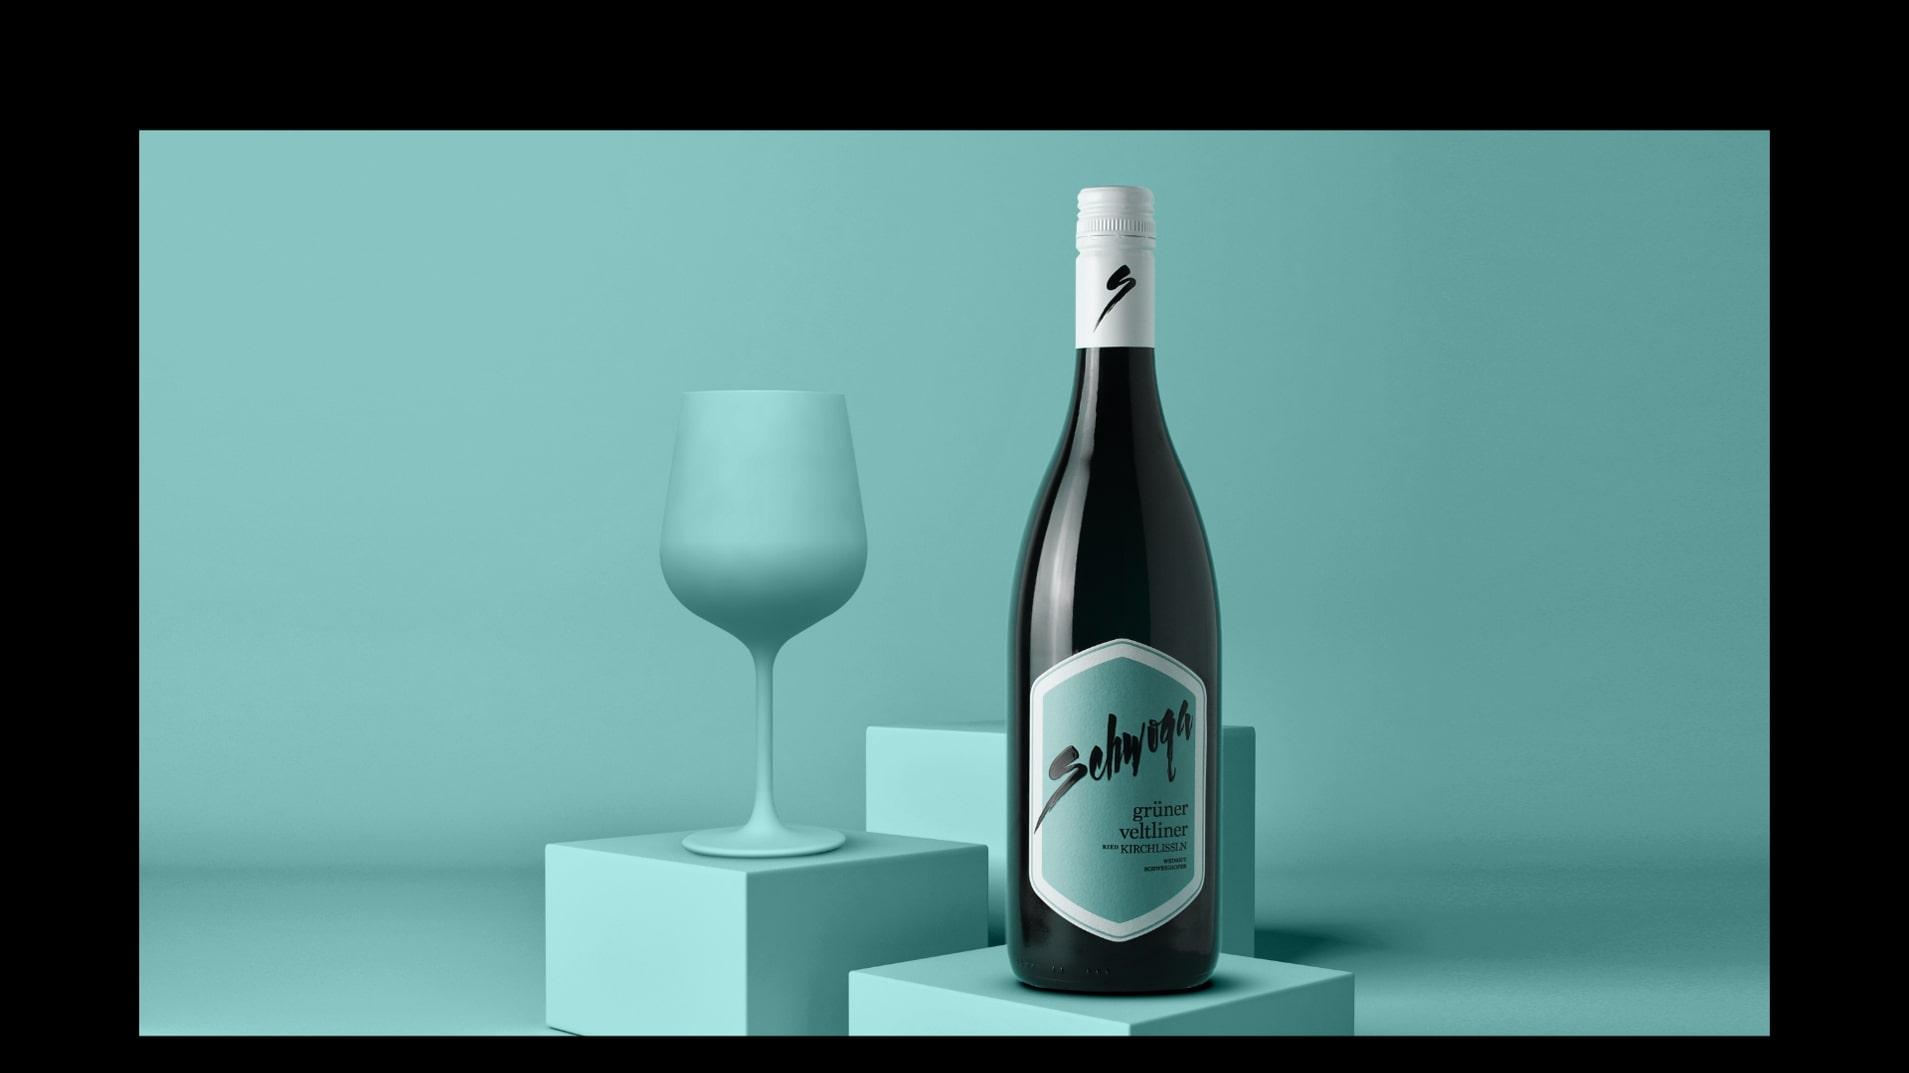 Abbildung einer Mockupgrafik zur Weinlinie Grüner Vetliner von Weingut Schwoga